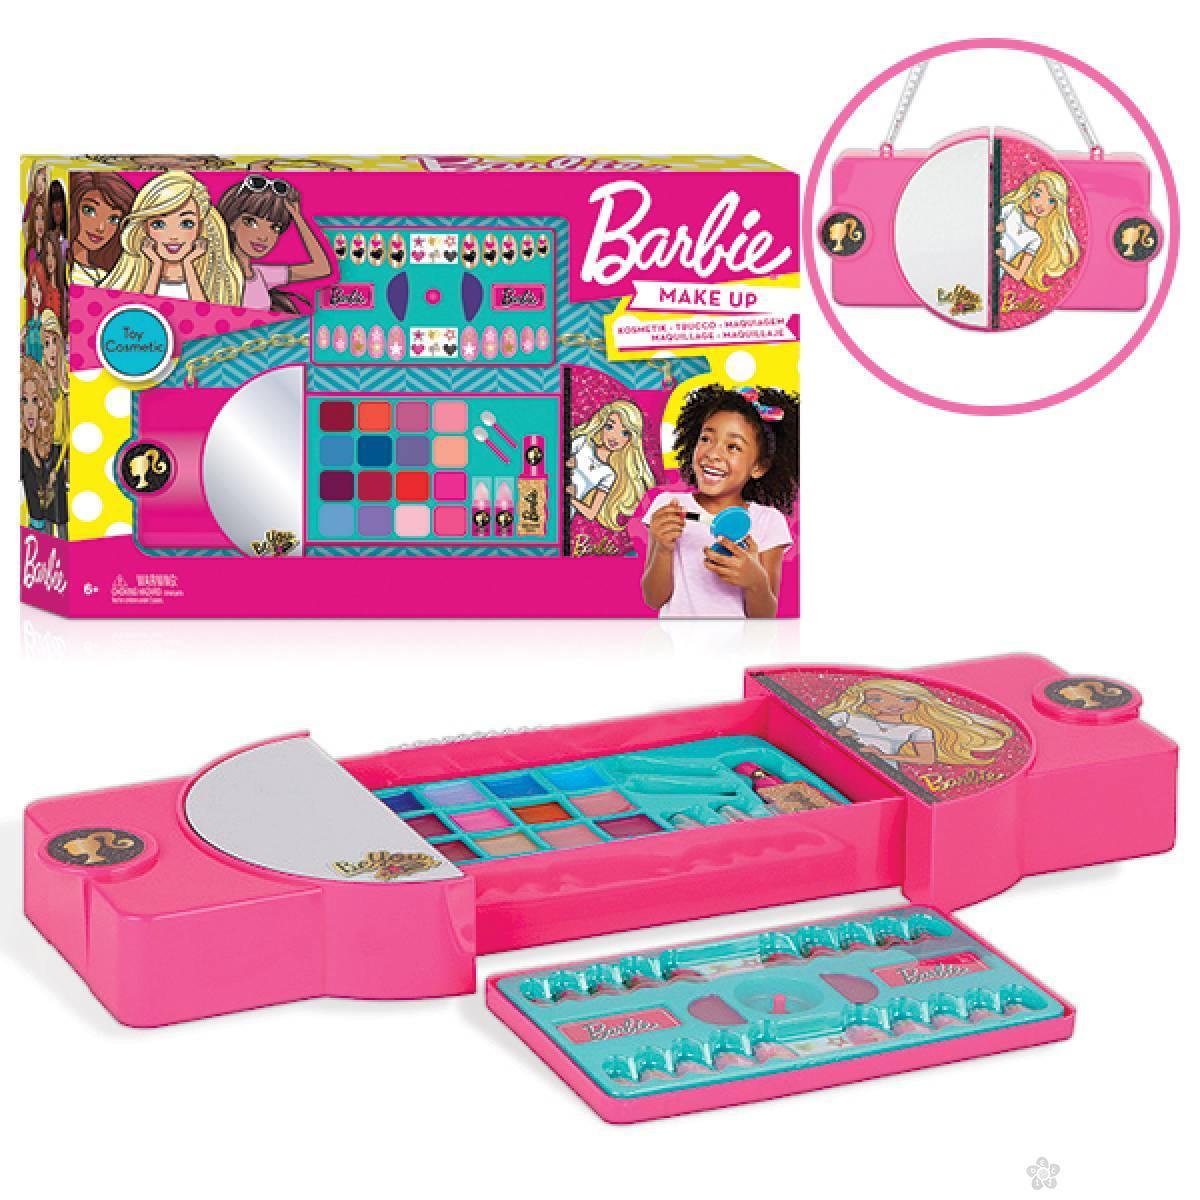 Barbie Make Up set 5506L